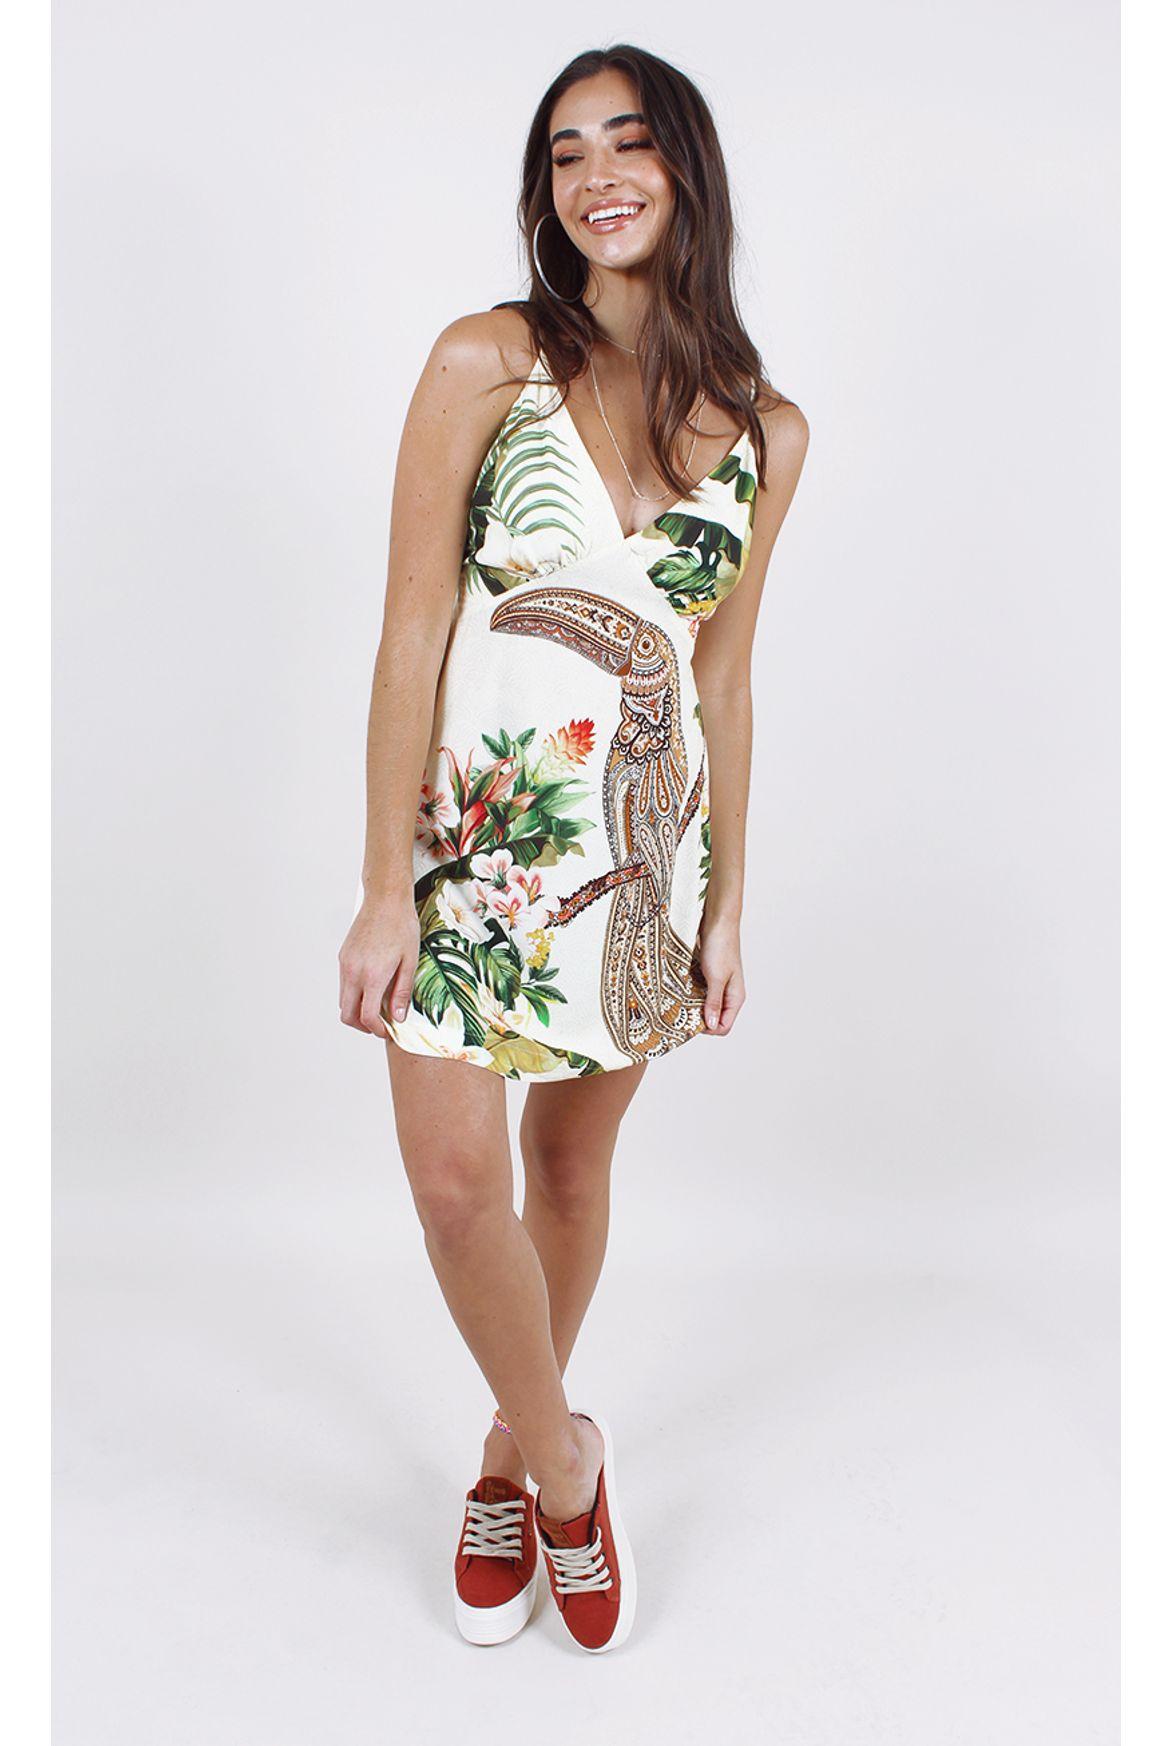 Fshn Vestido Farm Curto Tucano étnico Off White Fashion